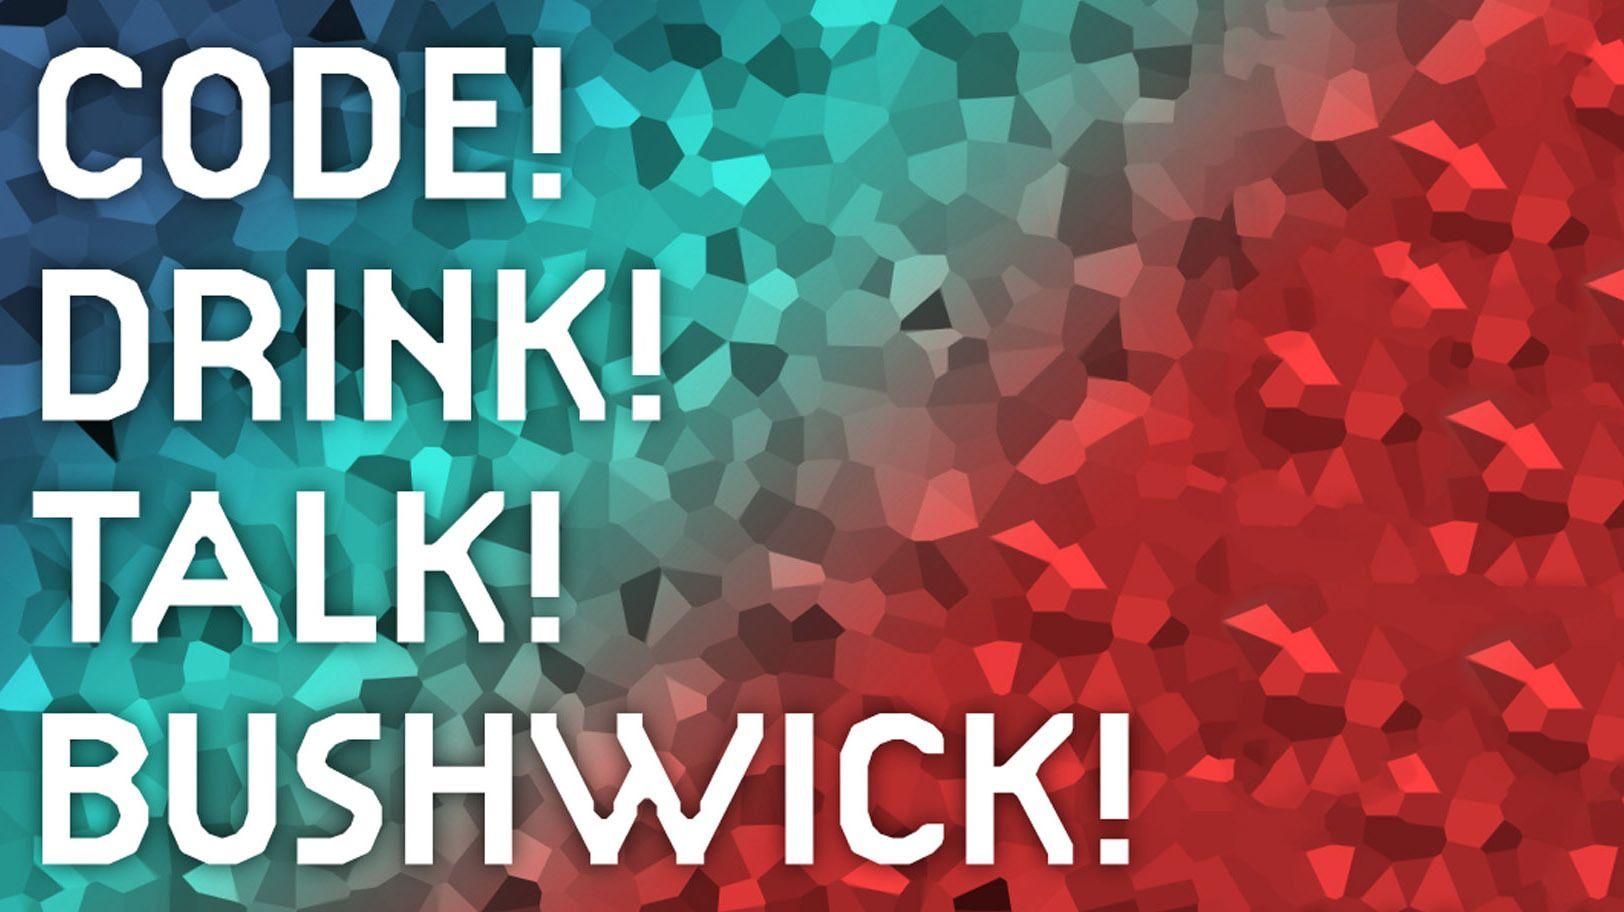 Code, Drink, Talk: Bushwick